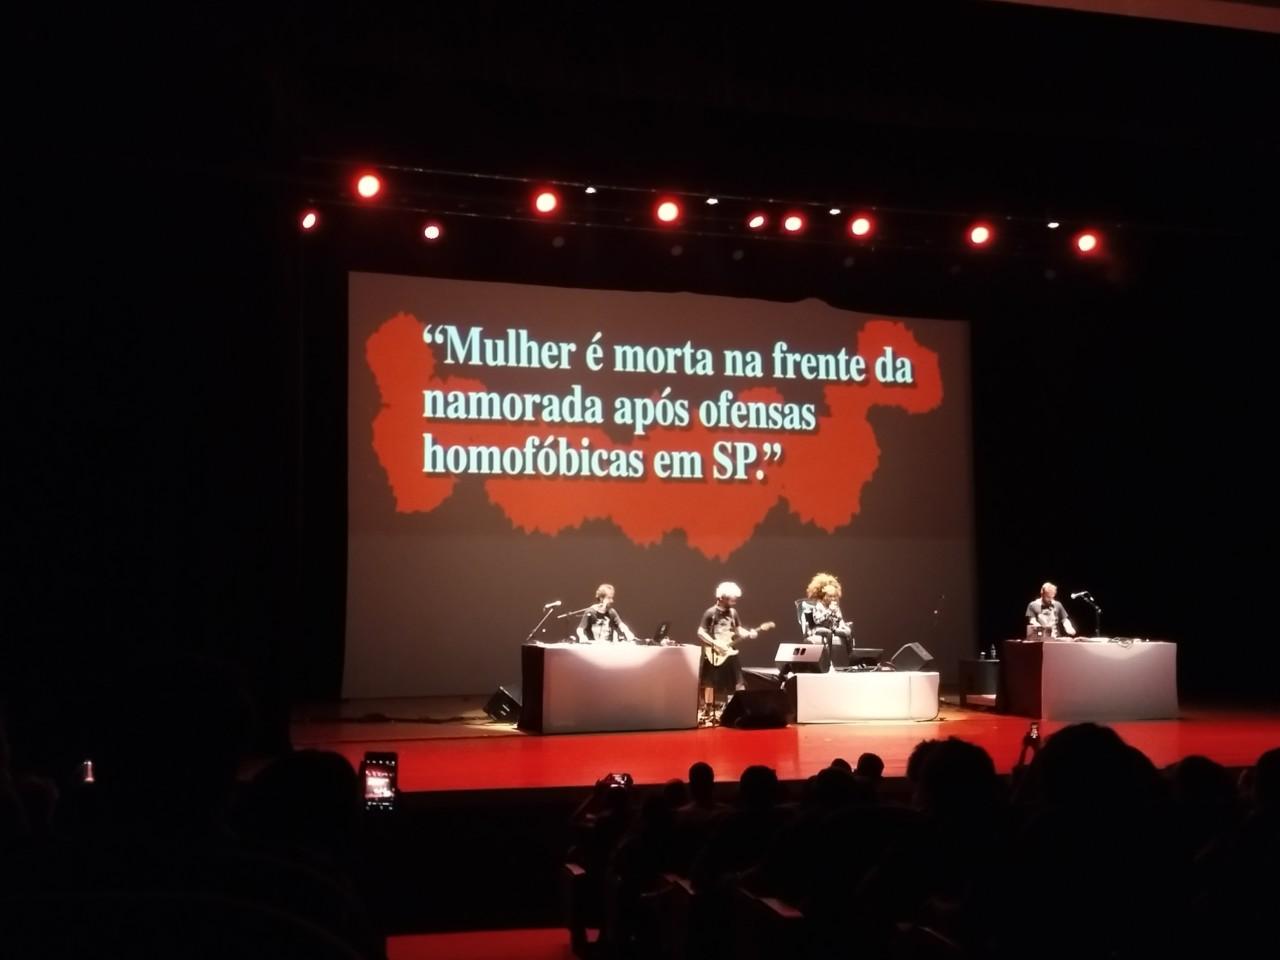 IMG 20180512 222647858 LL - ELZA SOARES: 'A Voz e a Máquina' contra a homofobia e os crimes de ódio